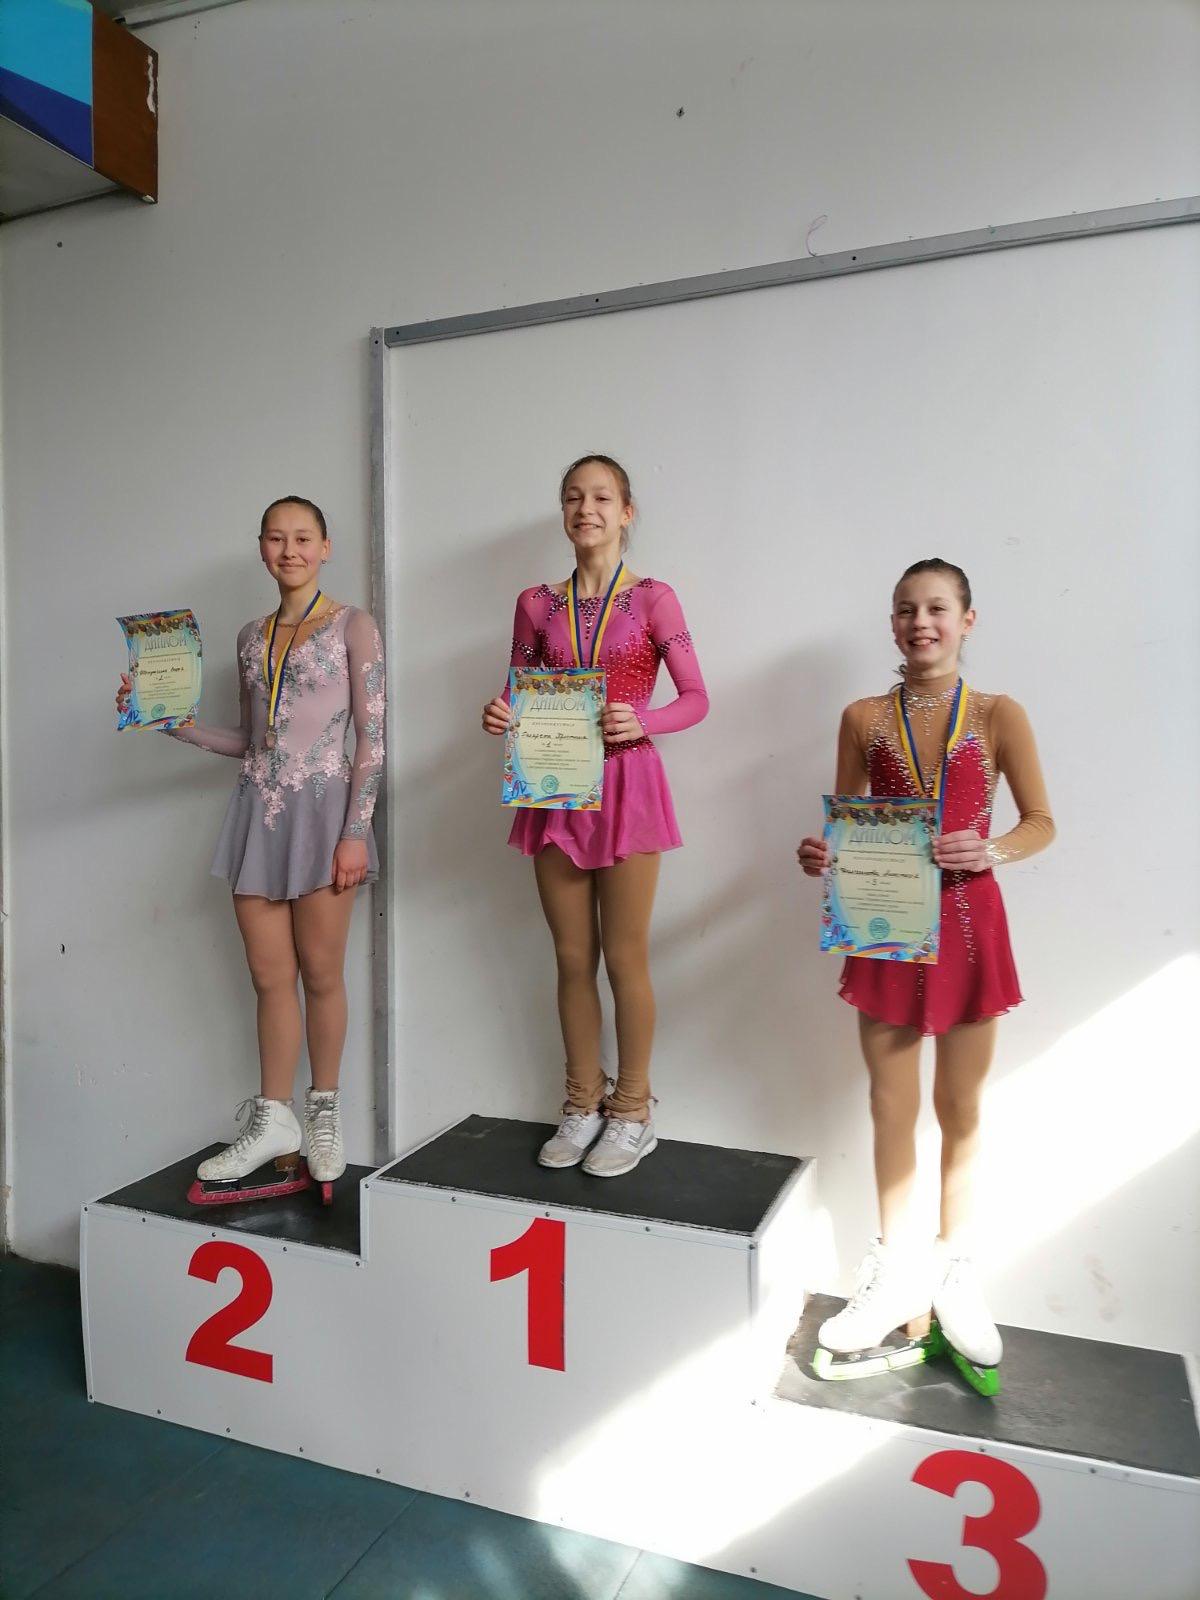 Фигуристка из Днепра привезла «золото» с чемпионата Украины по фигурному катанию на коньках